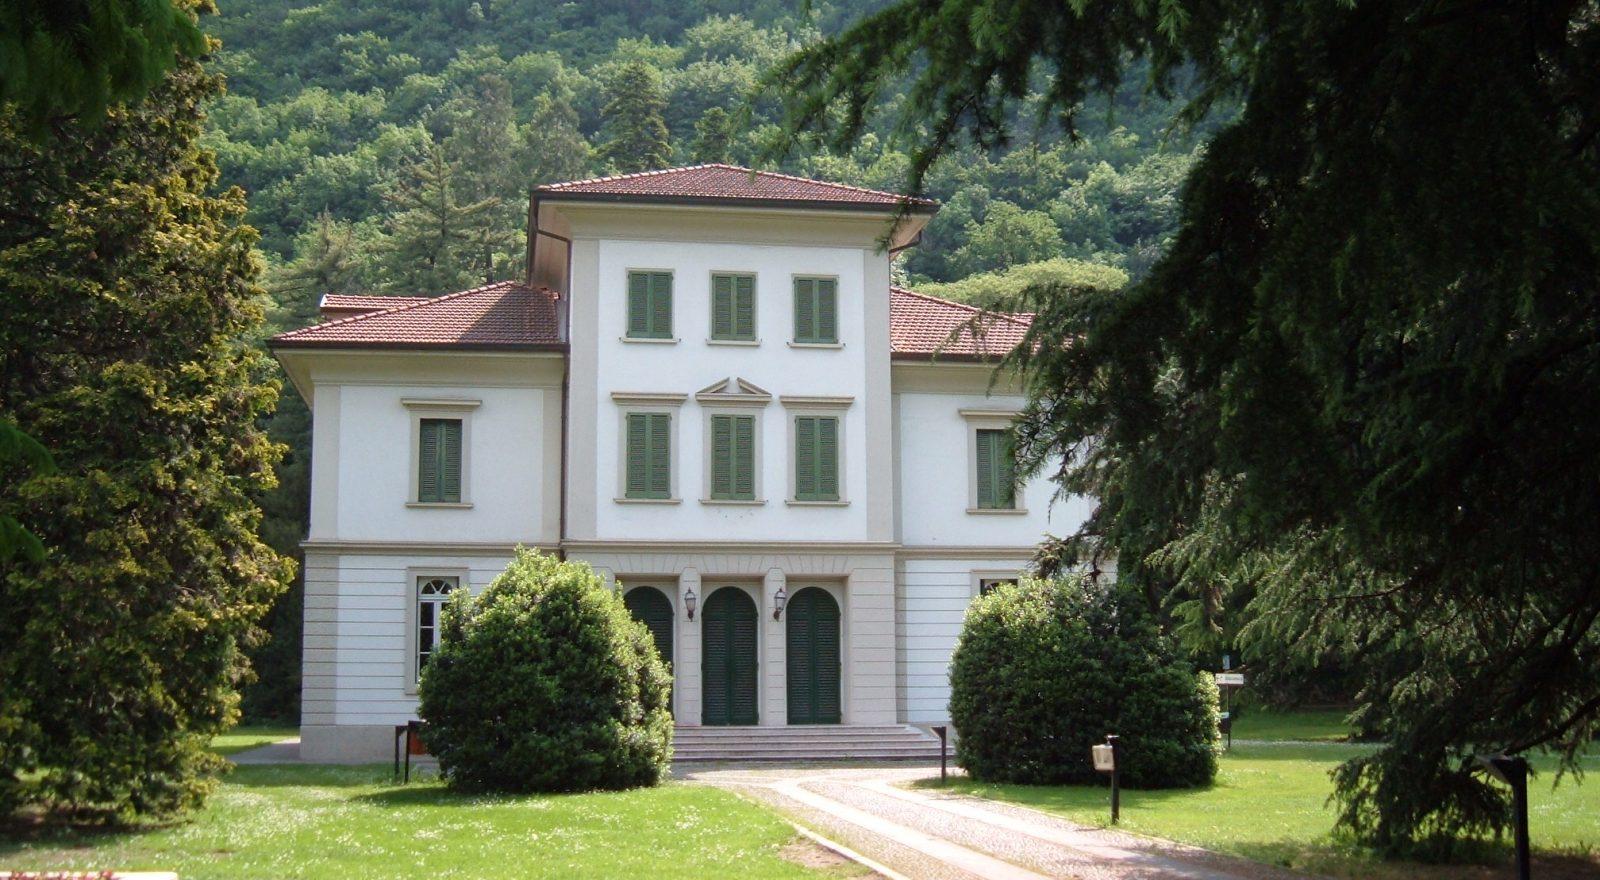 Parco Villa Glisenti Villa Carcina